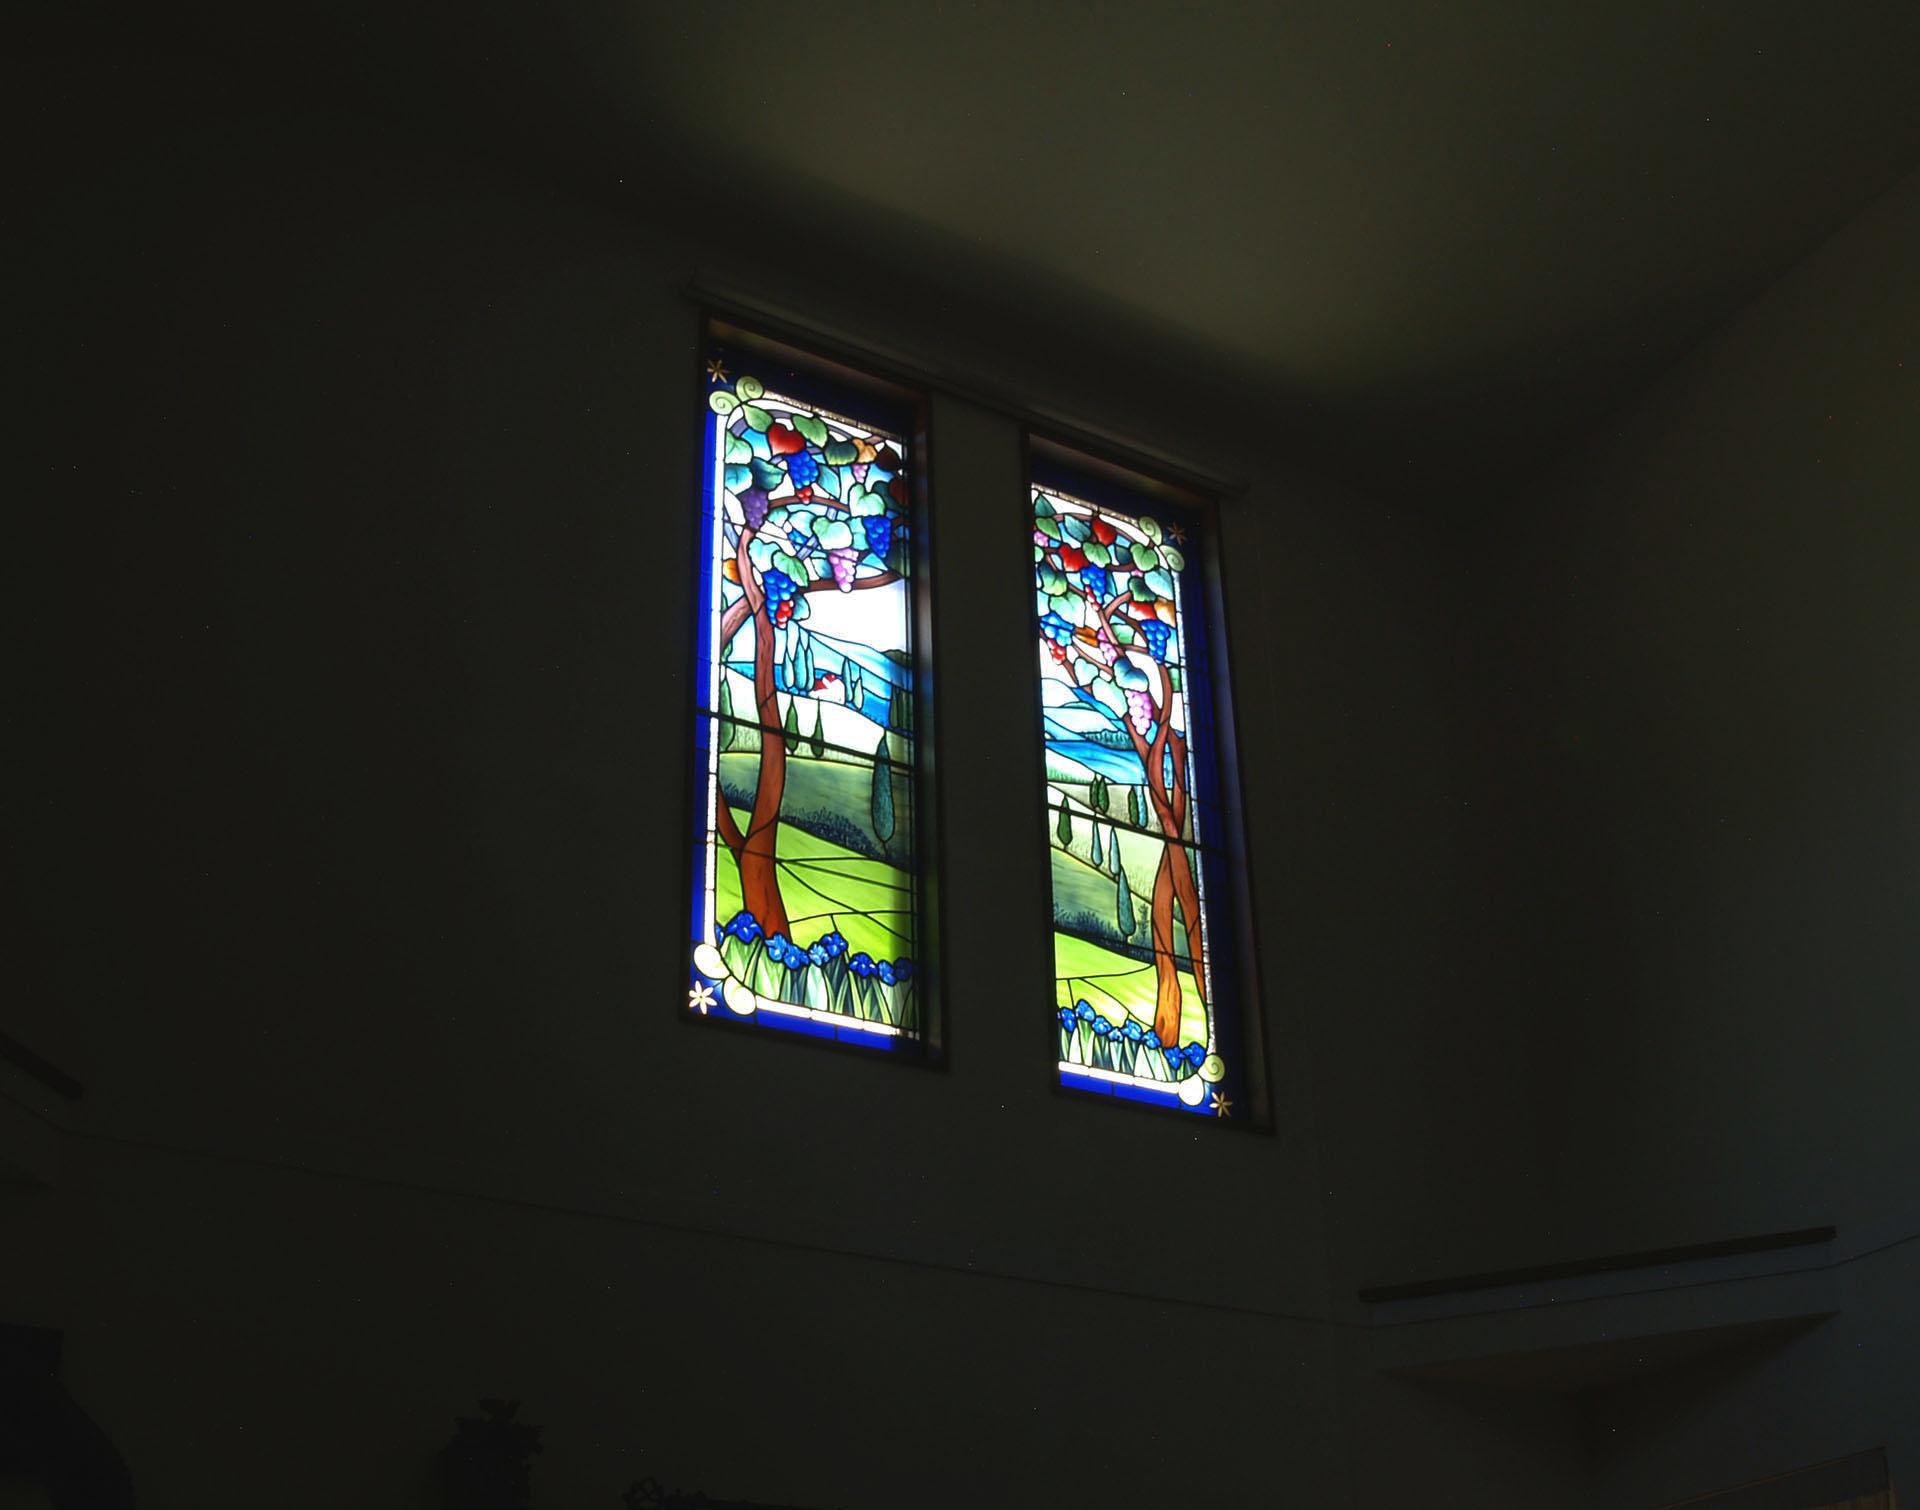 ご夫婦で何度も訪れられたトスカーナ地方の風景が題材です